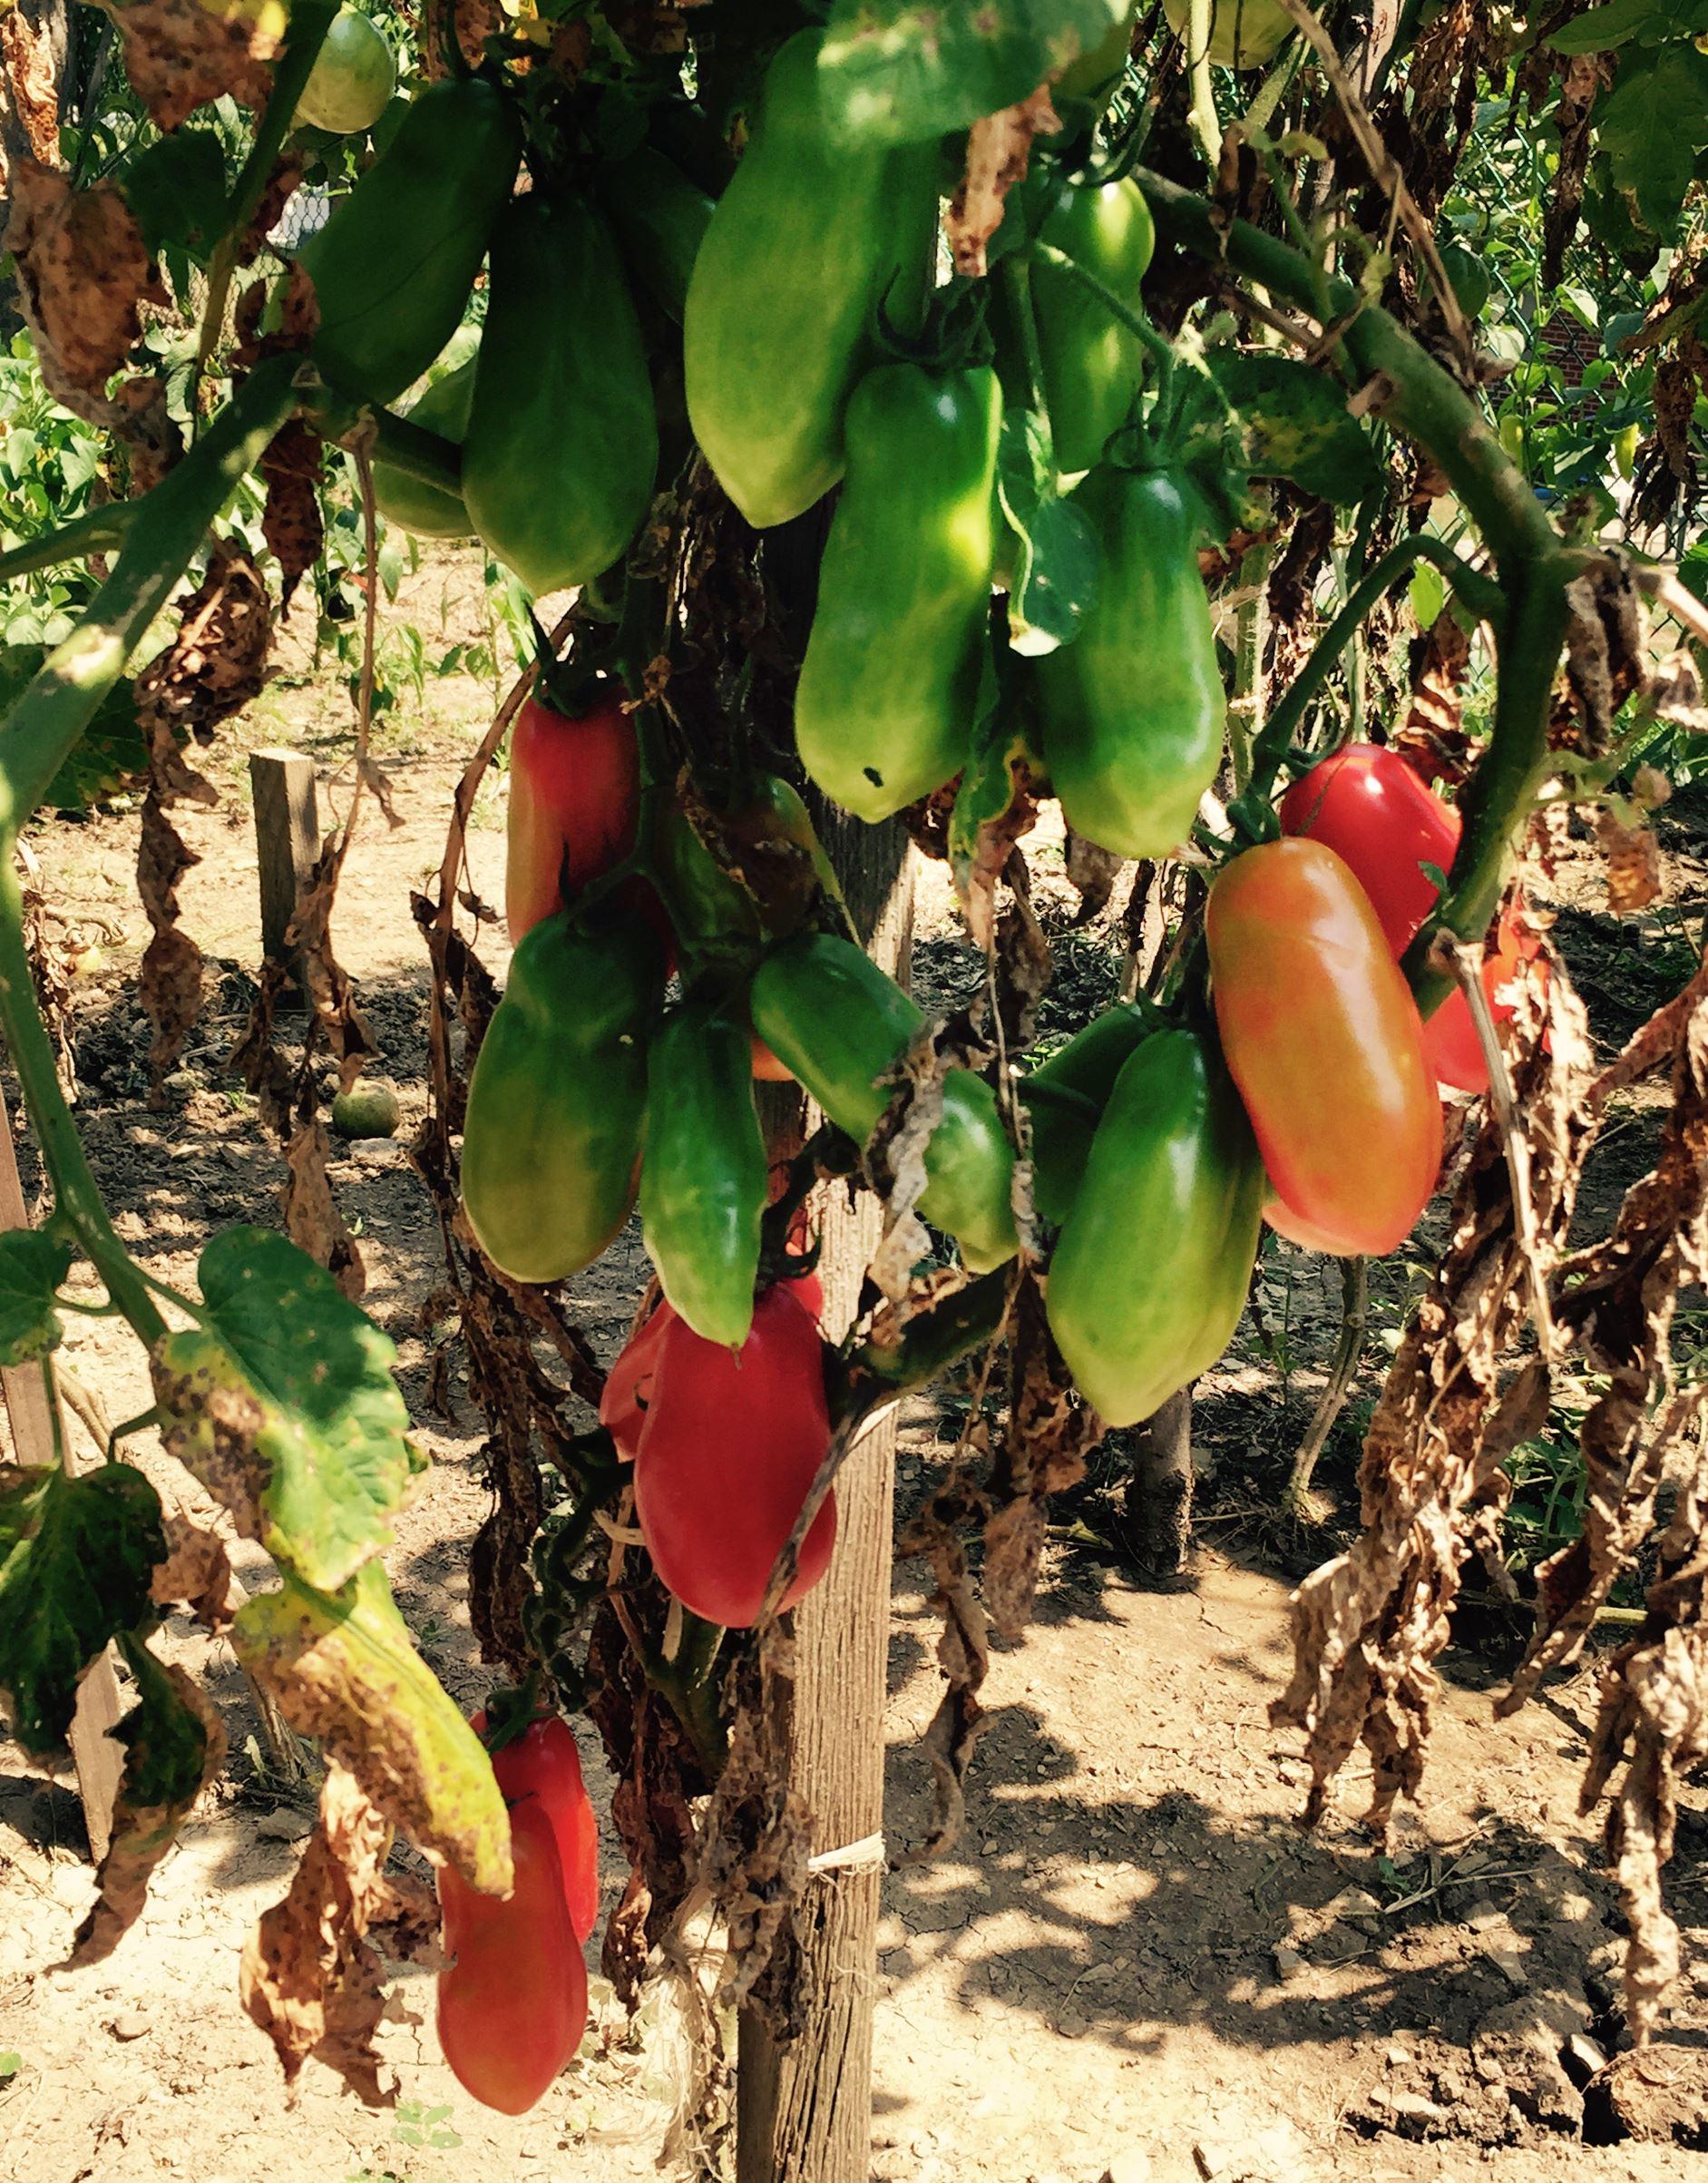 ItaliangardenD-3 'San Marzano' tomatoes in Domenico Carpico's garden.